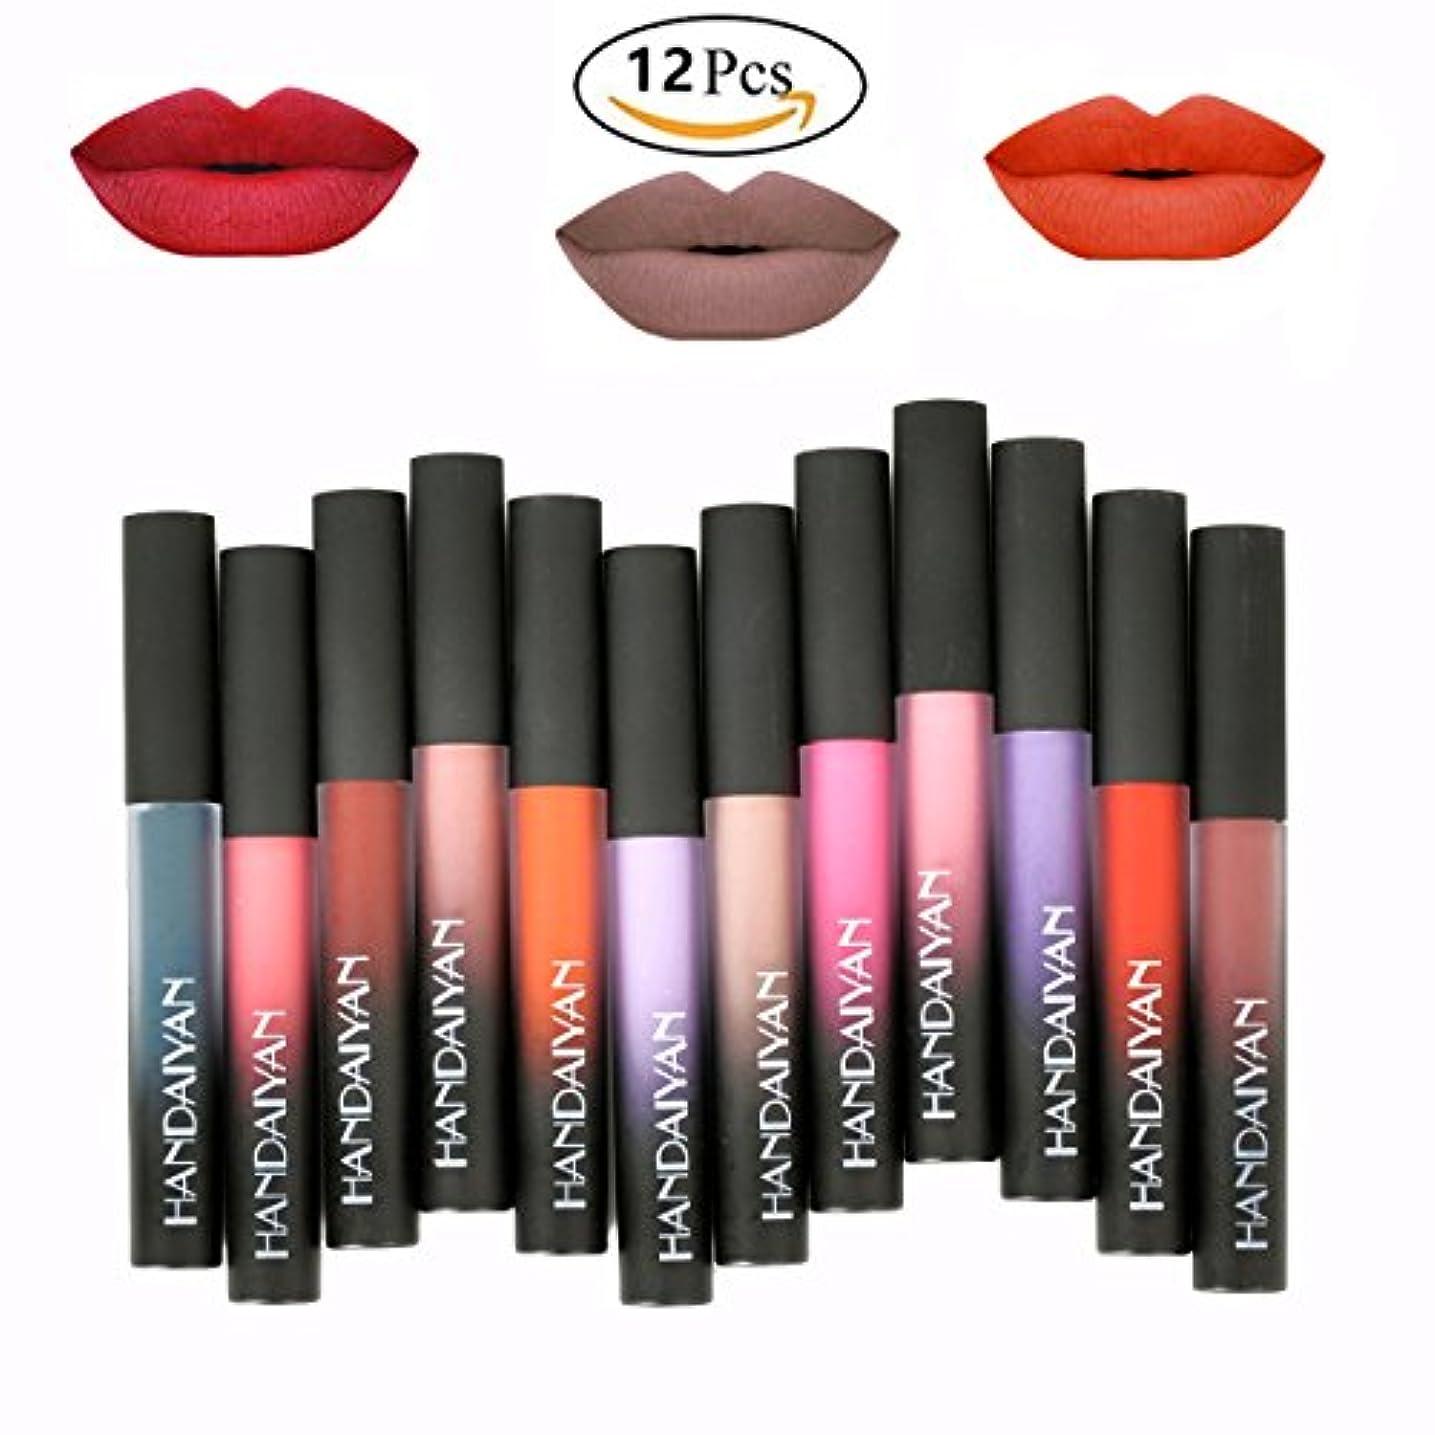 航空便歯ウルル12 Colors Waterproof Long Lasting Durable Matte Liquid Lipstick Beauty Lip Gloss   Sexy Fashionable Colors Lipsticks...